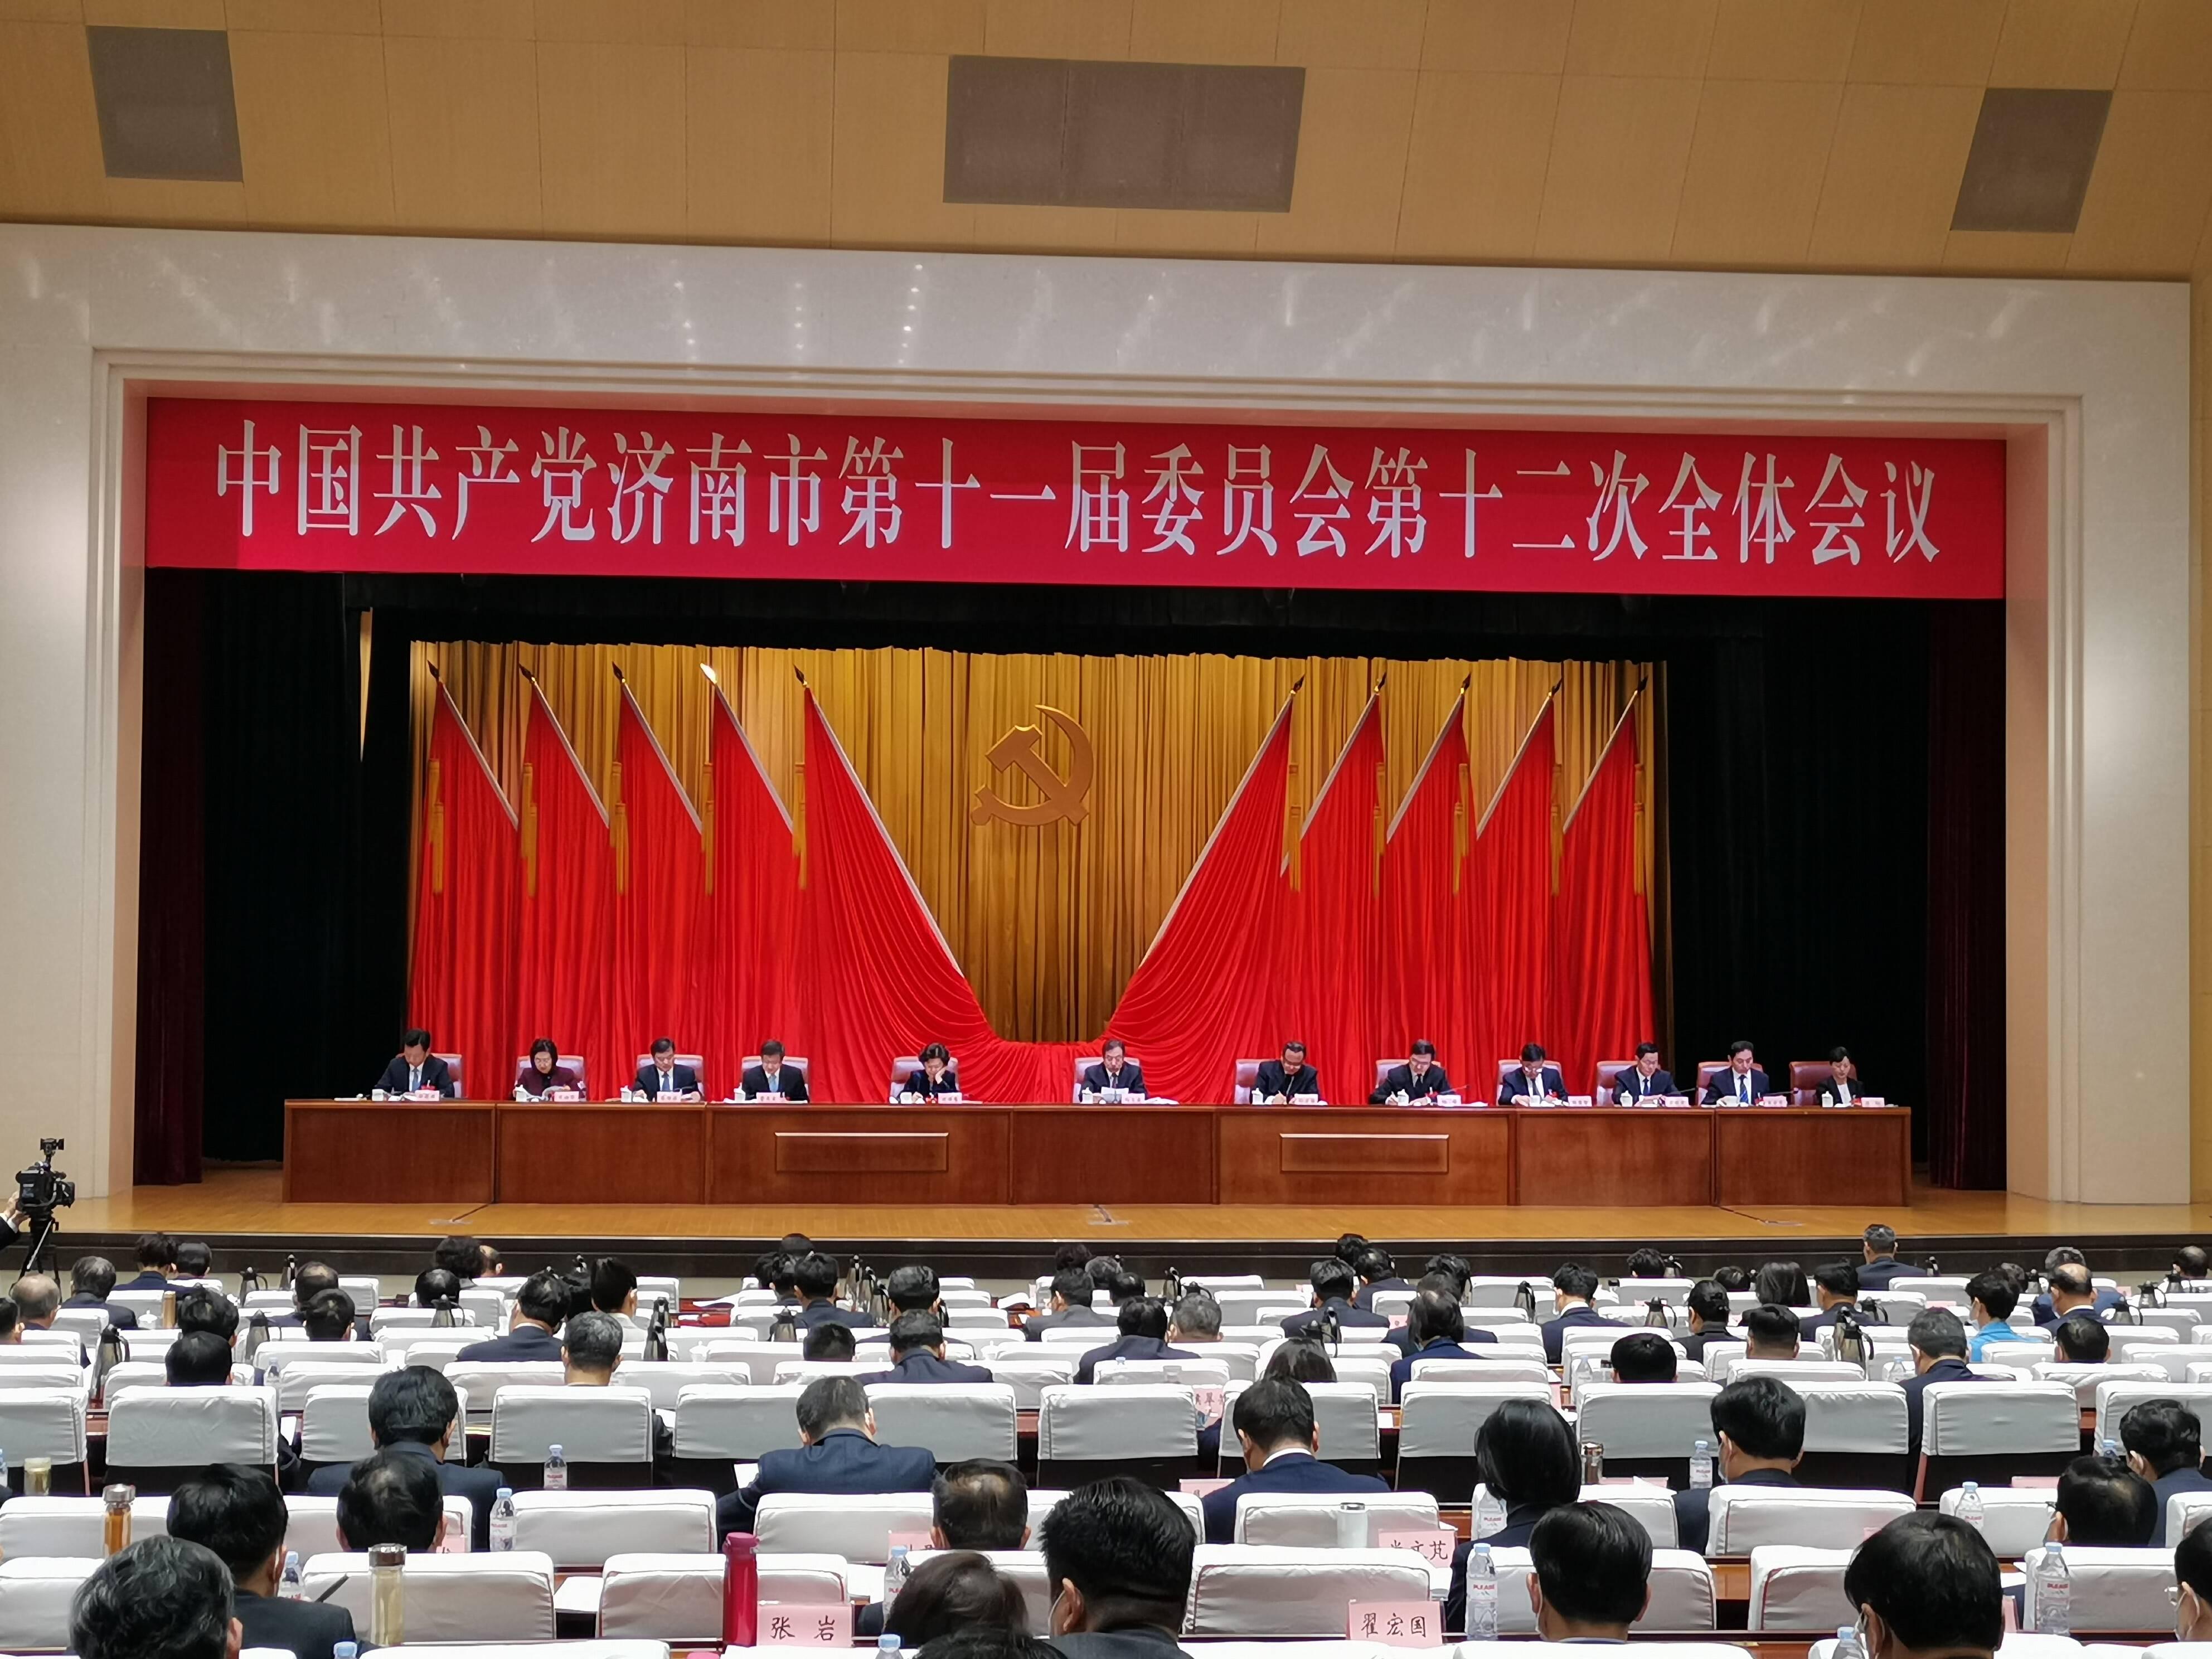 """建设新时代现代化强省会!济南""""十四五""""时期经济社会发展将达到这些主要目标"""